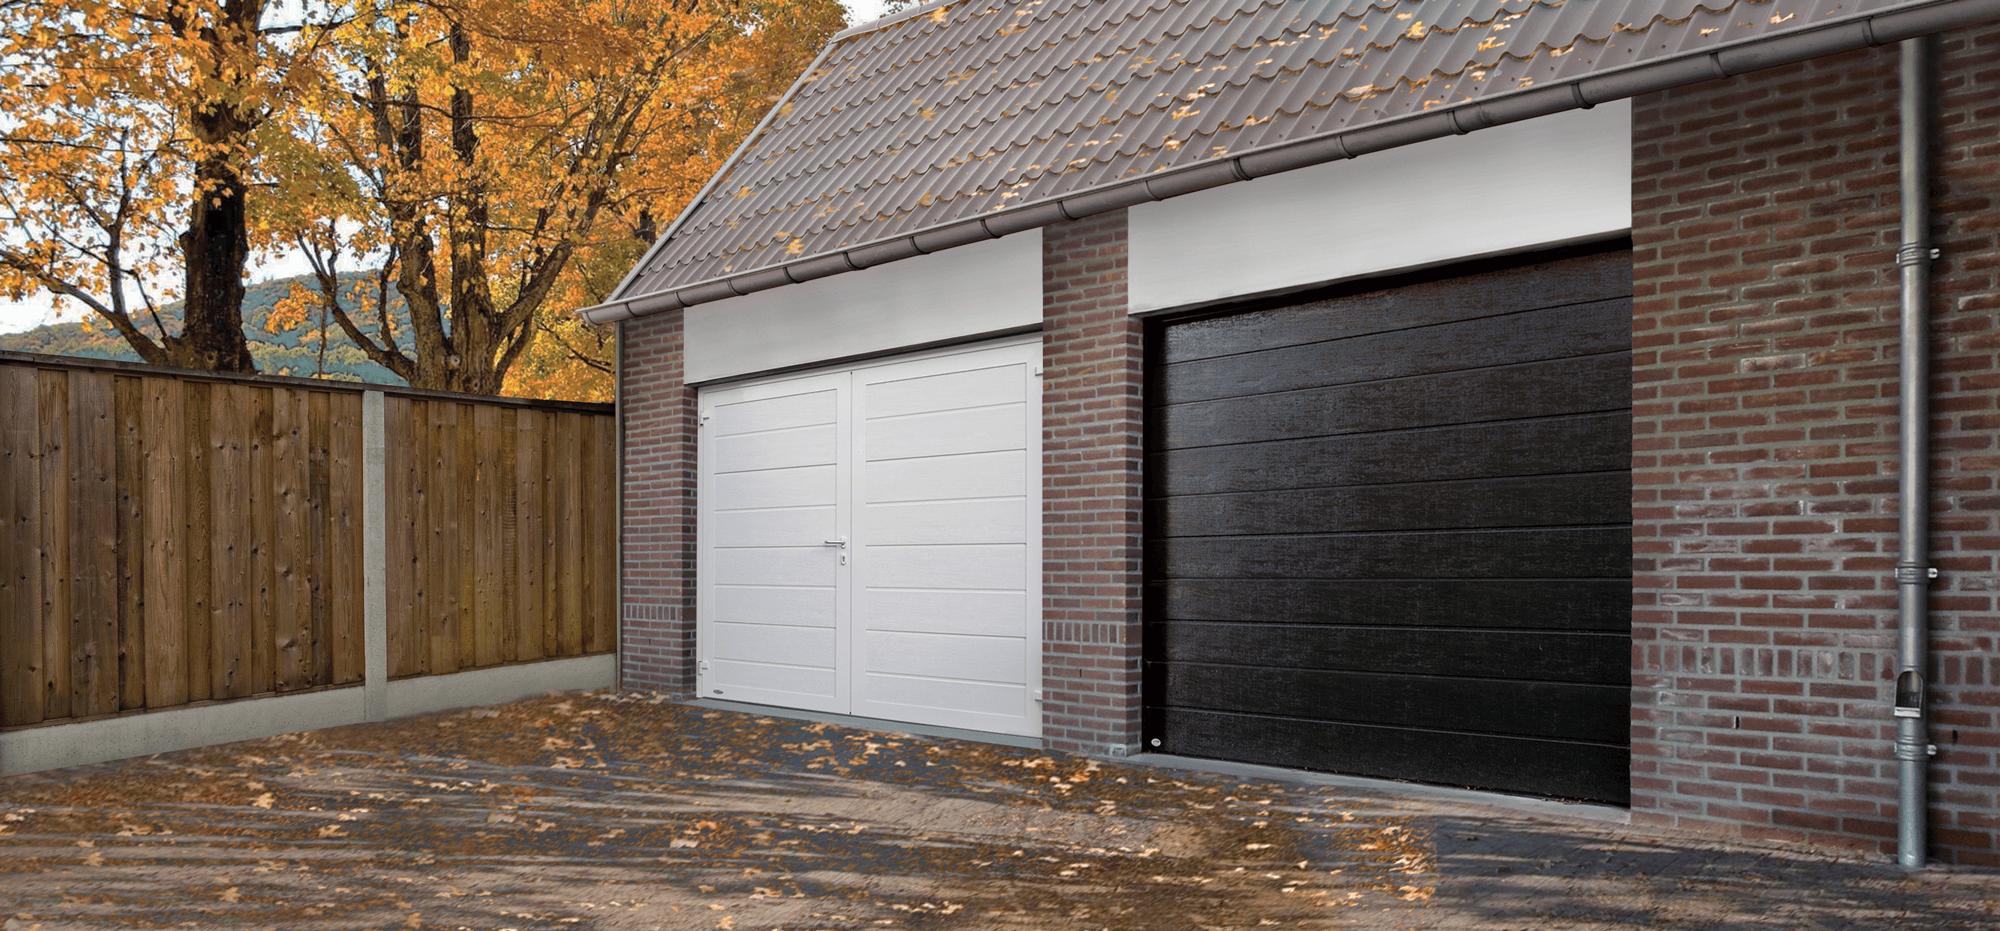 Herfstaanbiedingen voor sectionaaldeur en openslaande garagedeur